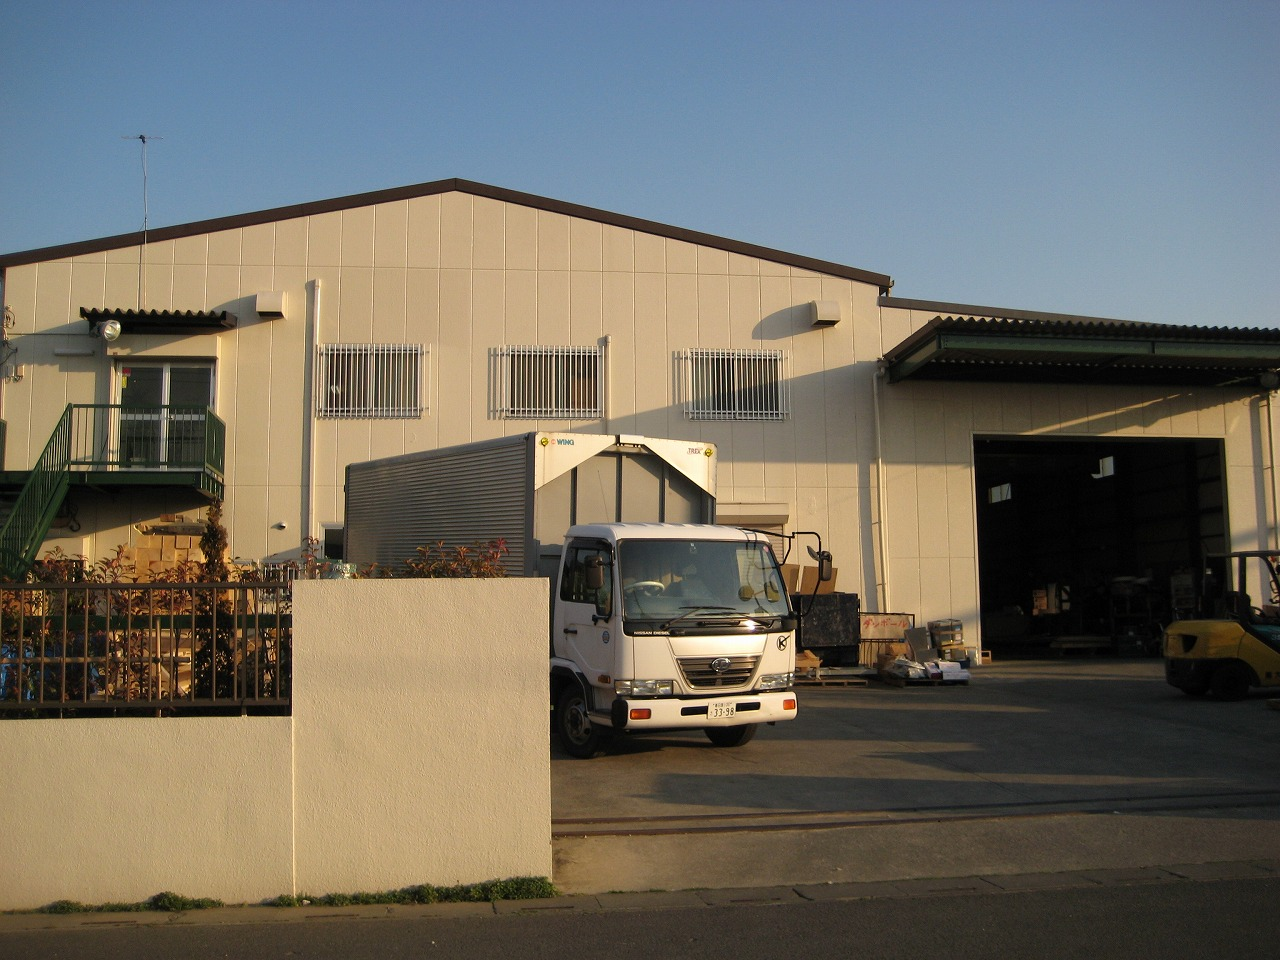 株式会社 大森梱包(埼玉県越谷市)運送および梱包